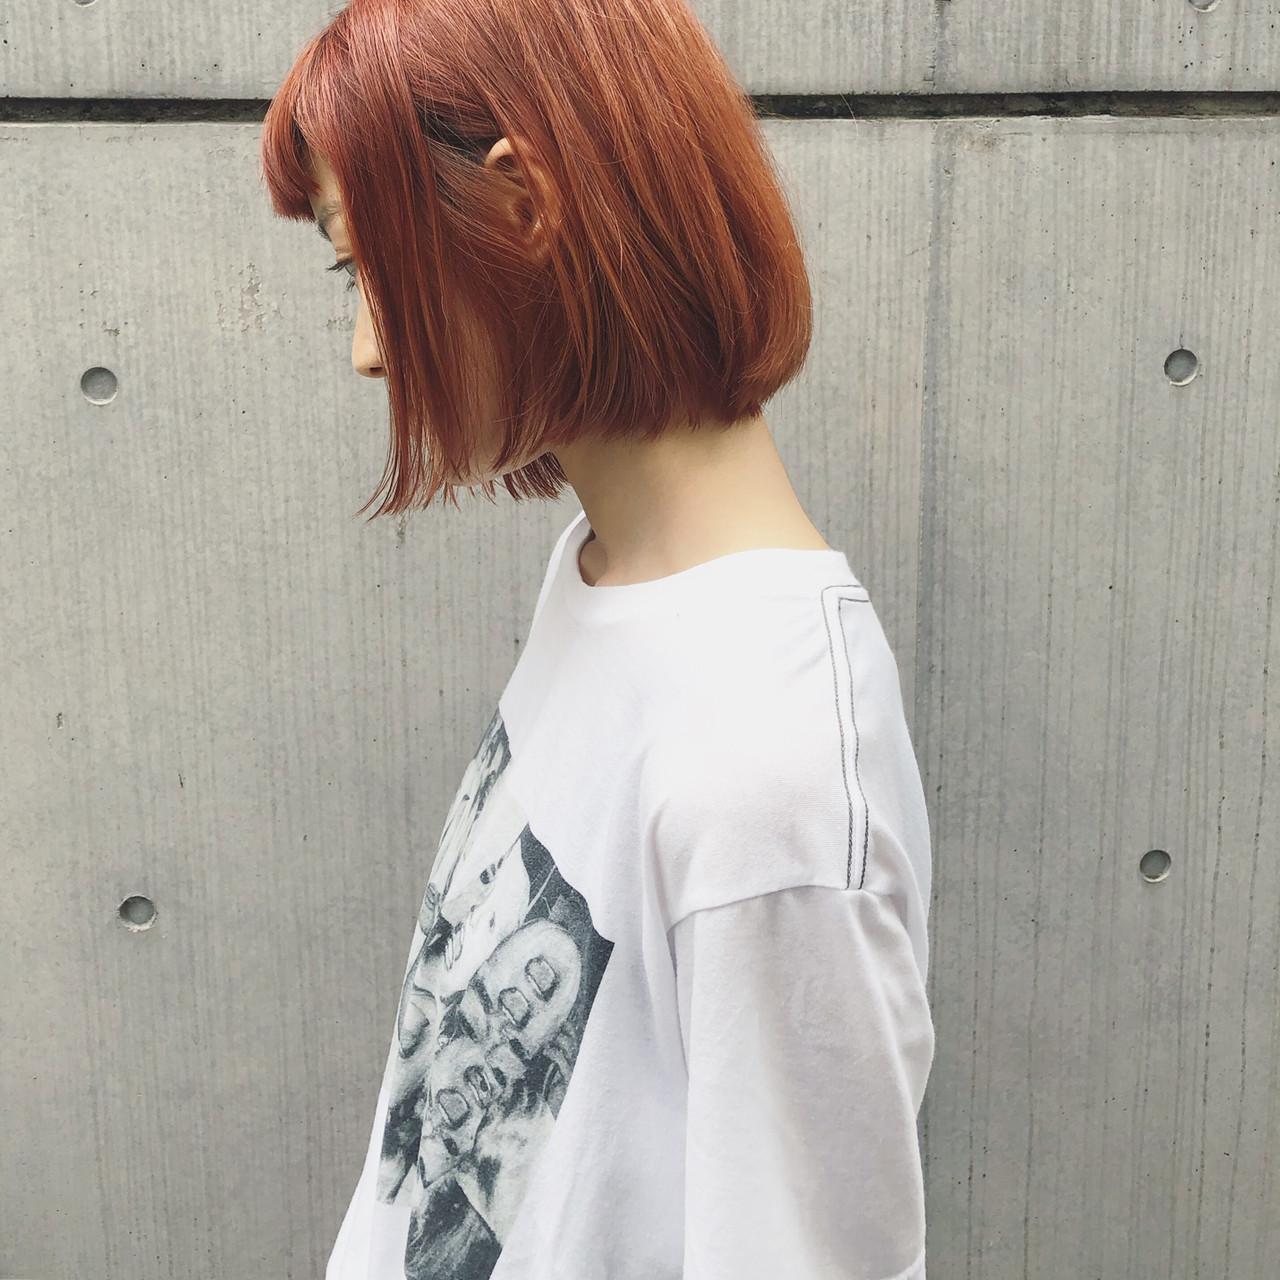 切りっぱなしボブ ミニボブ ボブ ヘアカラー ヘアスタイルや髪型の写真・画像 | 篠崎 佑介 / ticro.